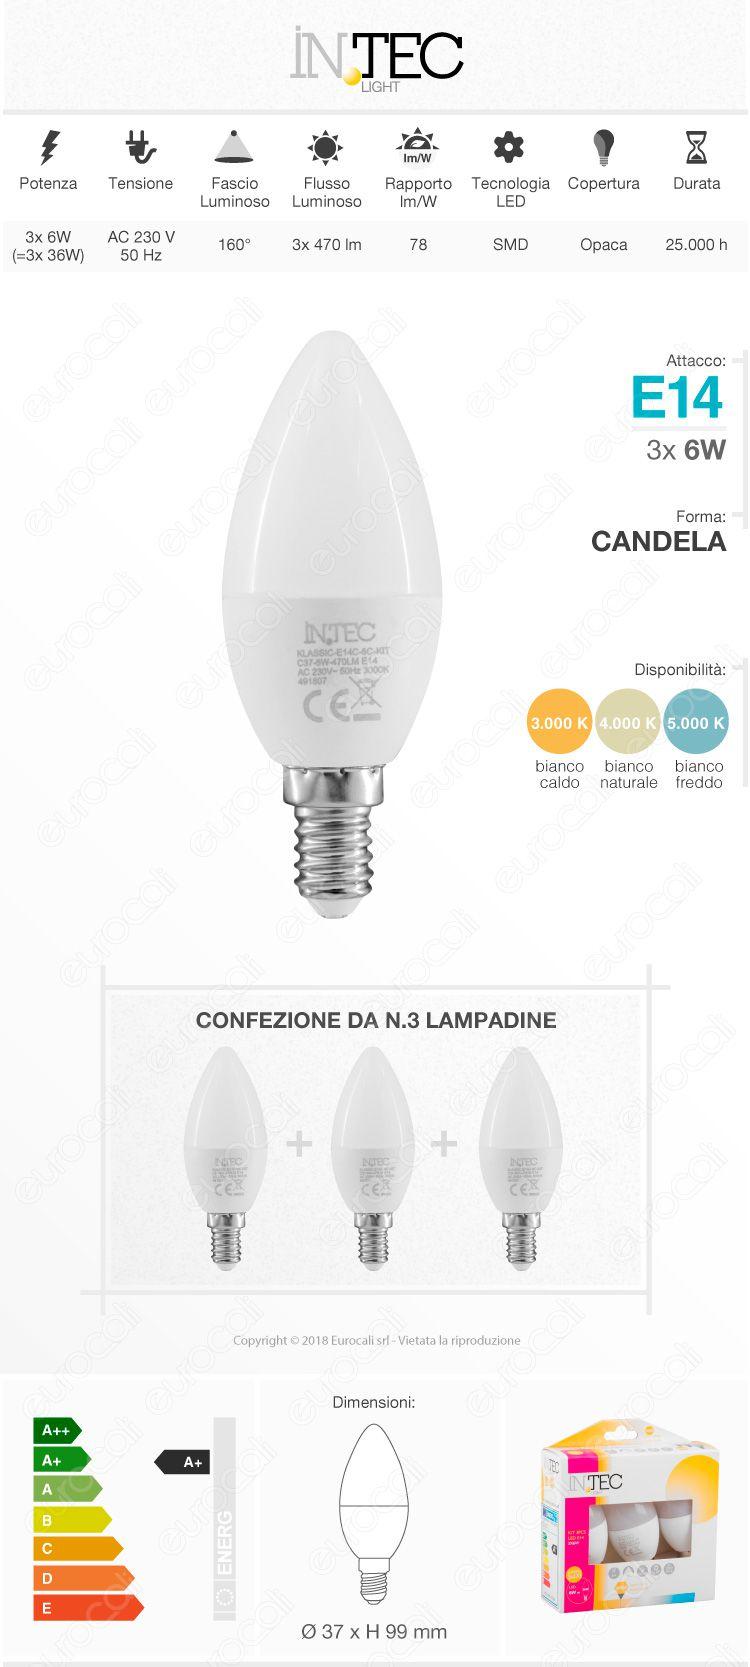 Confezione Risparmio 3 Lampadine LED E14 6W Candela Fan Europe Intec Light C